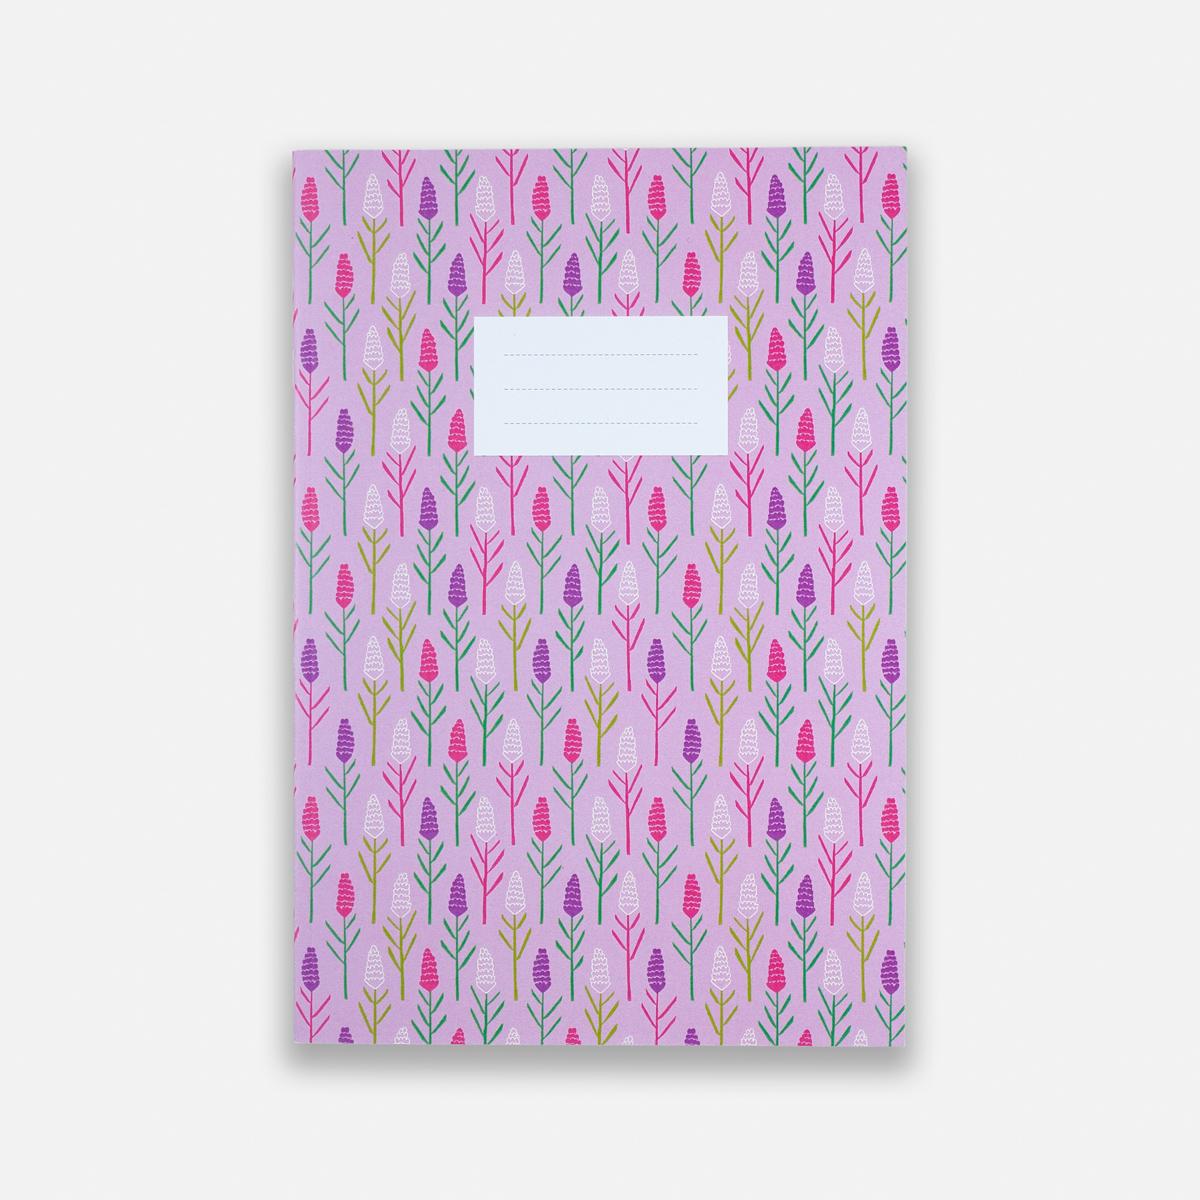 Annalisa Papagna shop - Lavender notebook